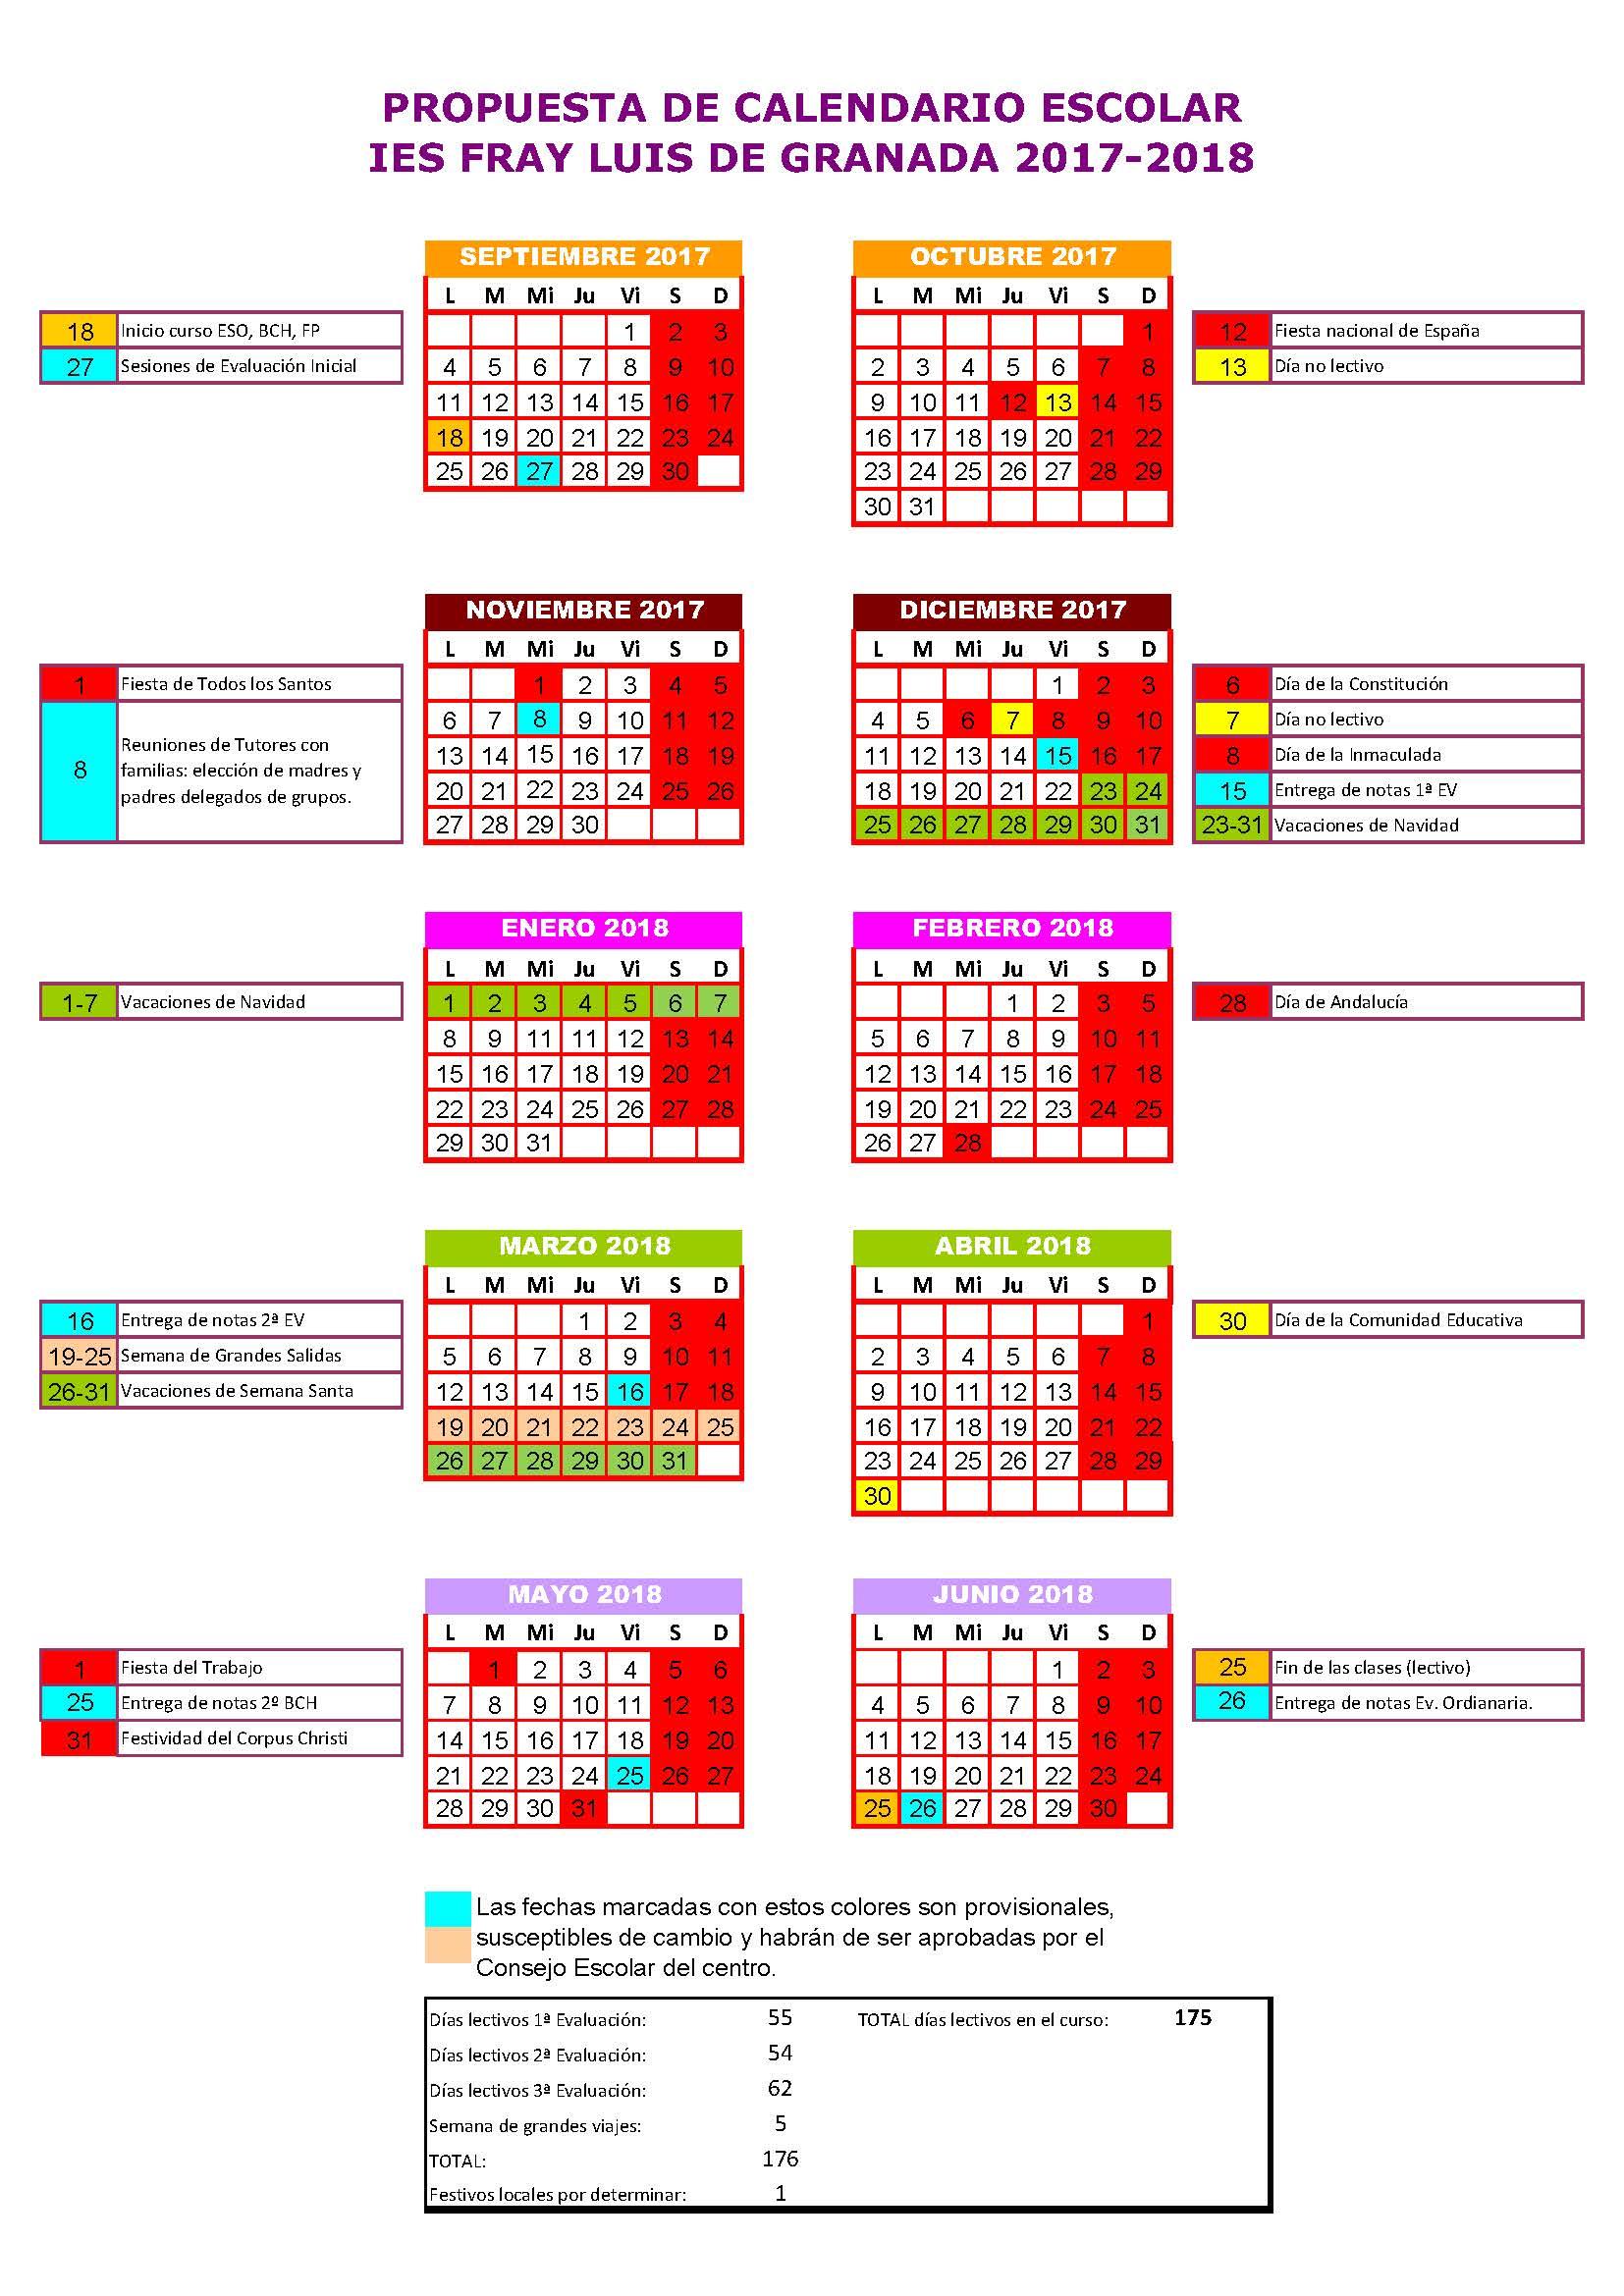 Calendario escolar público 2017-18 jpg